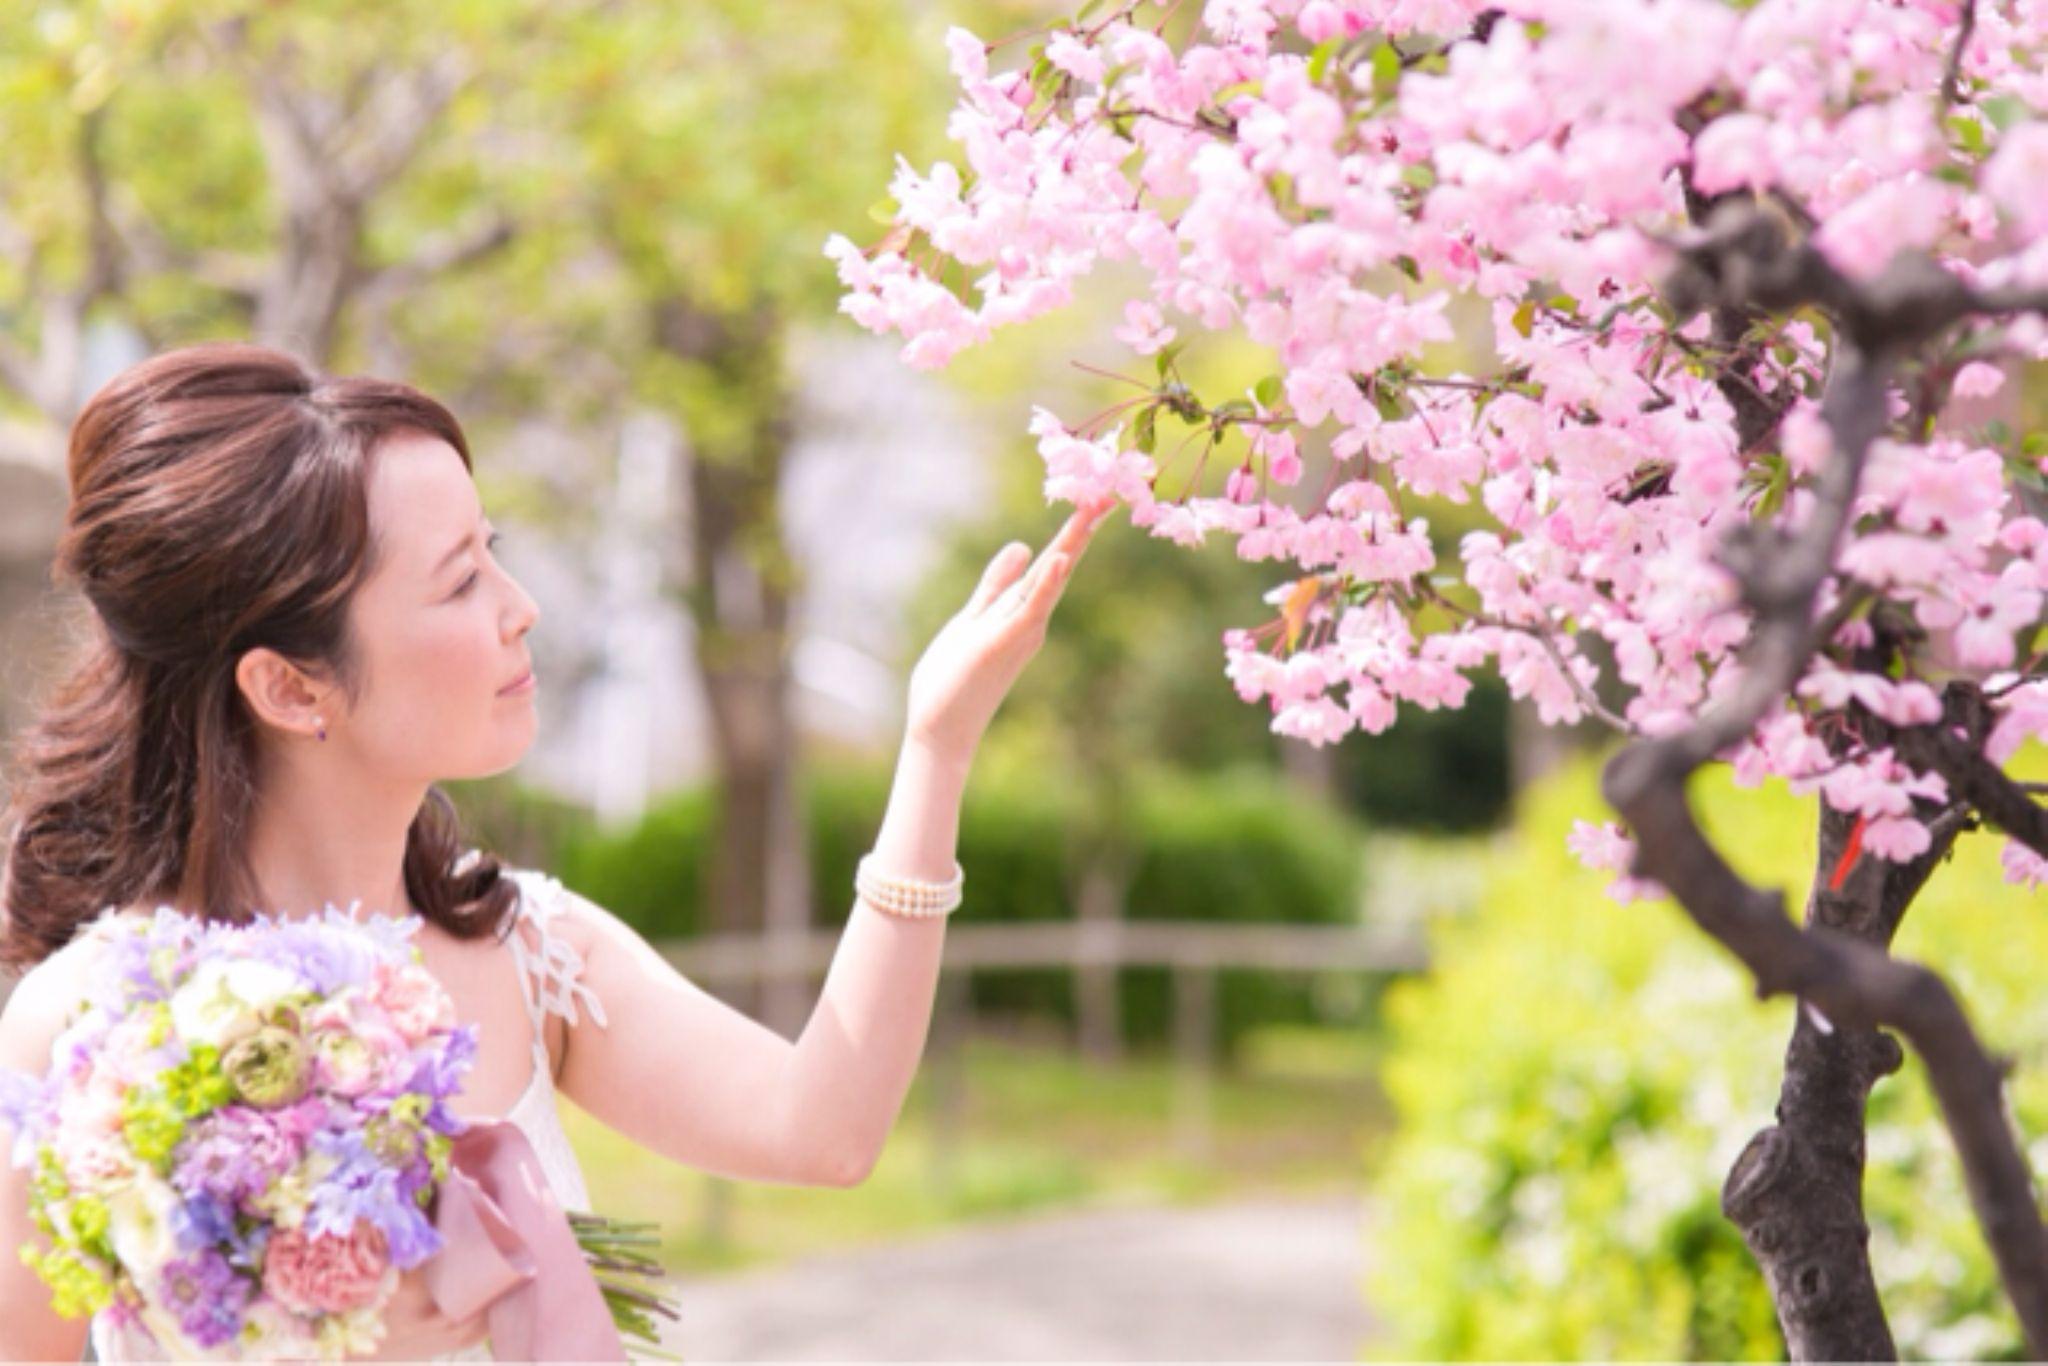 IMG_3190 by yusuke_asada